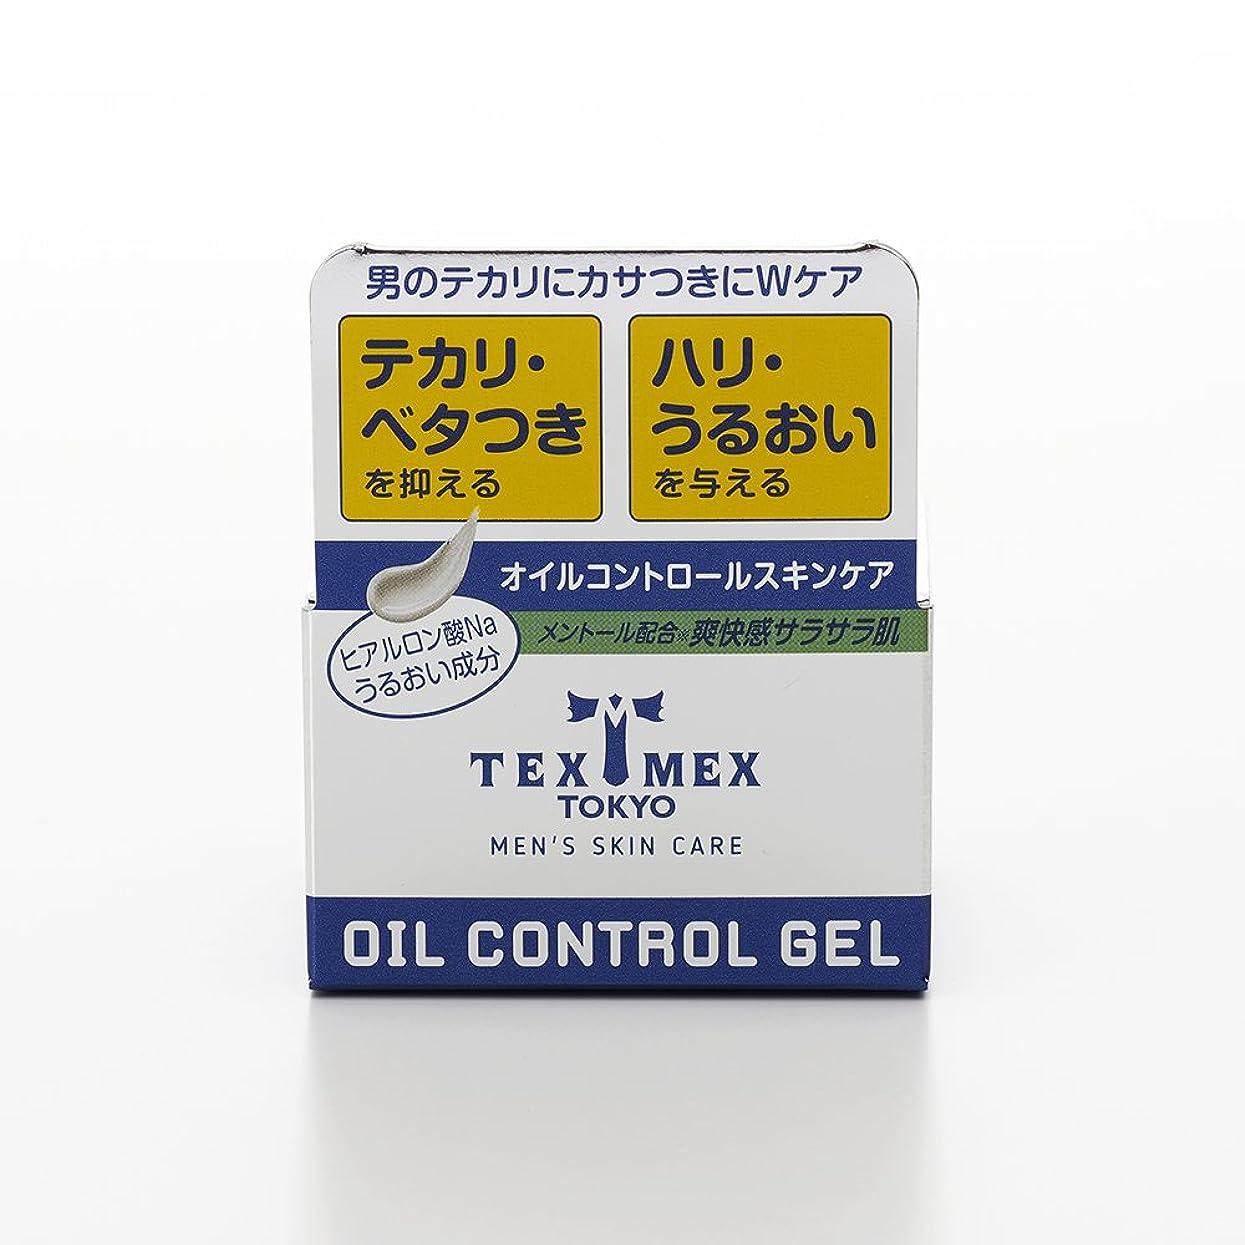 決定するデジタル道テックスメックス オイルコントロールジェル 24g (テカリ防止ジェル) 【塗るだけでサラサラ肌に】